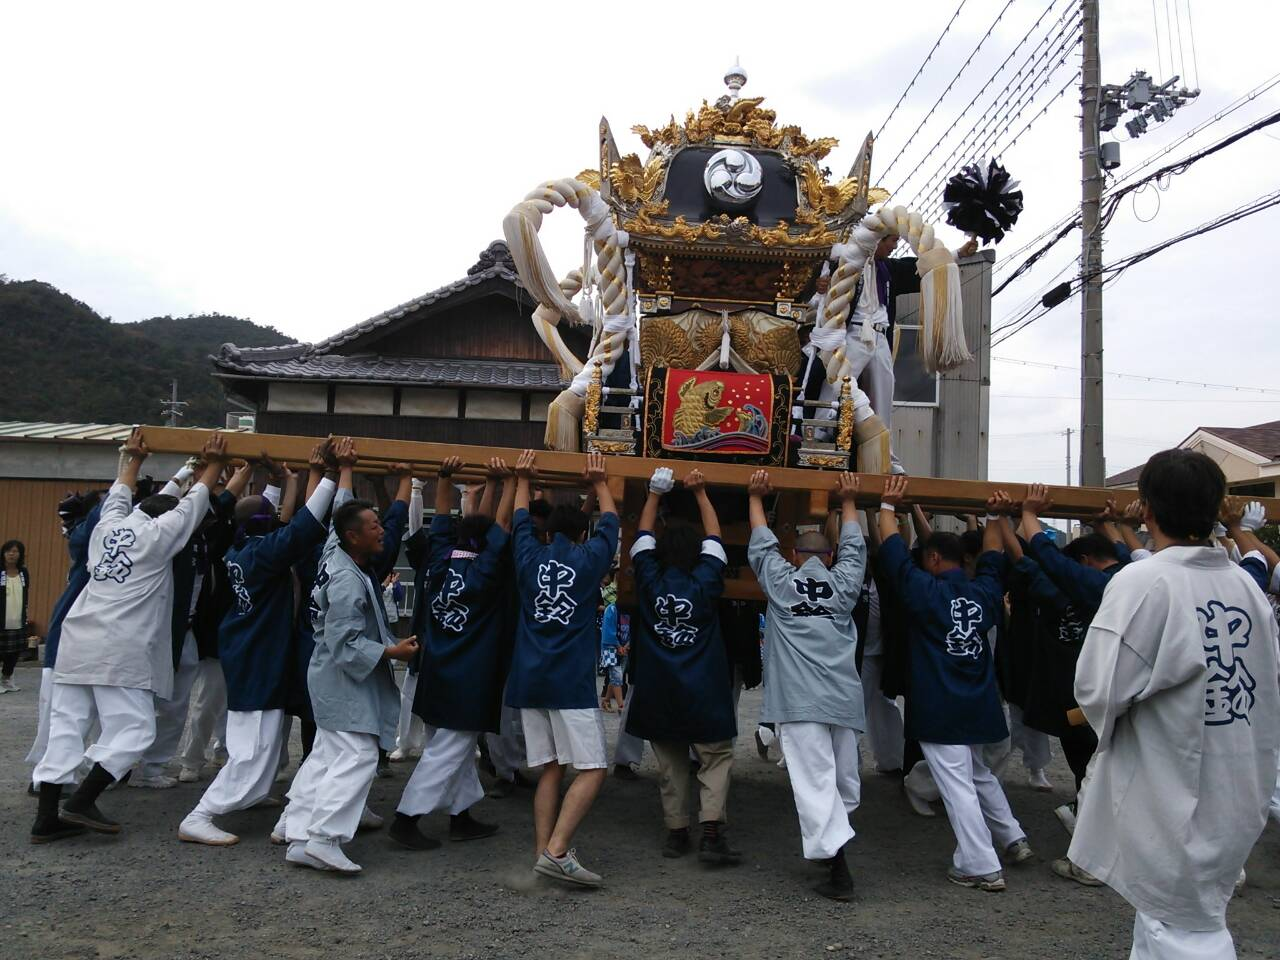 毎年恒例の姫路祭り!_e0326688_16404605.jpg